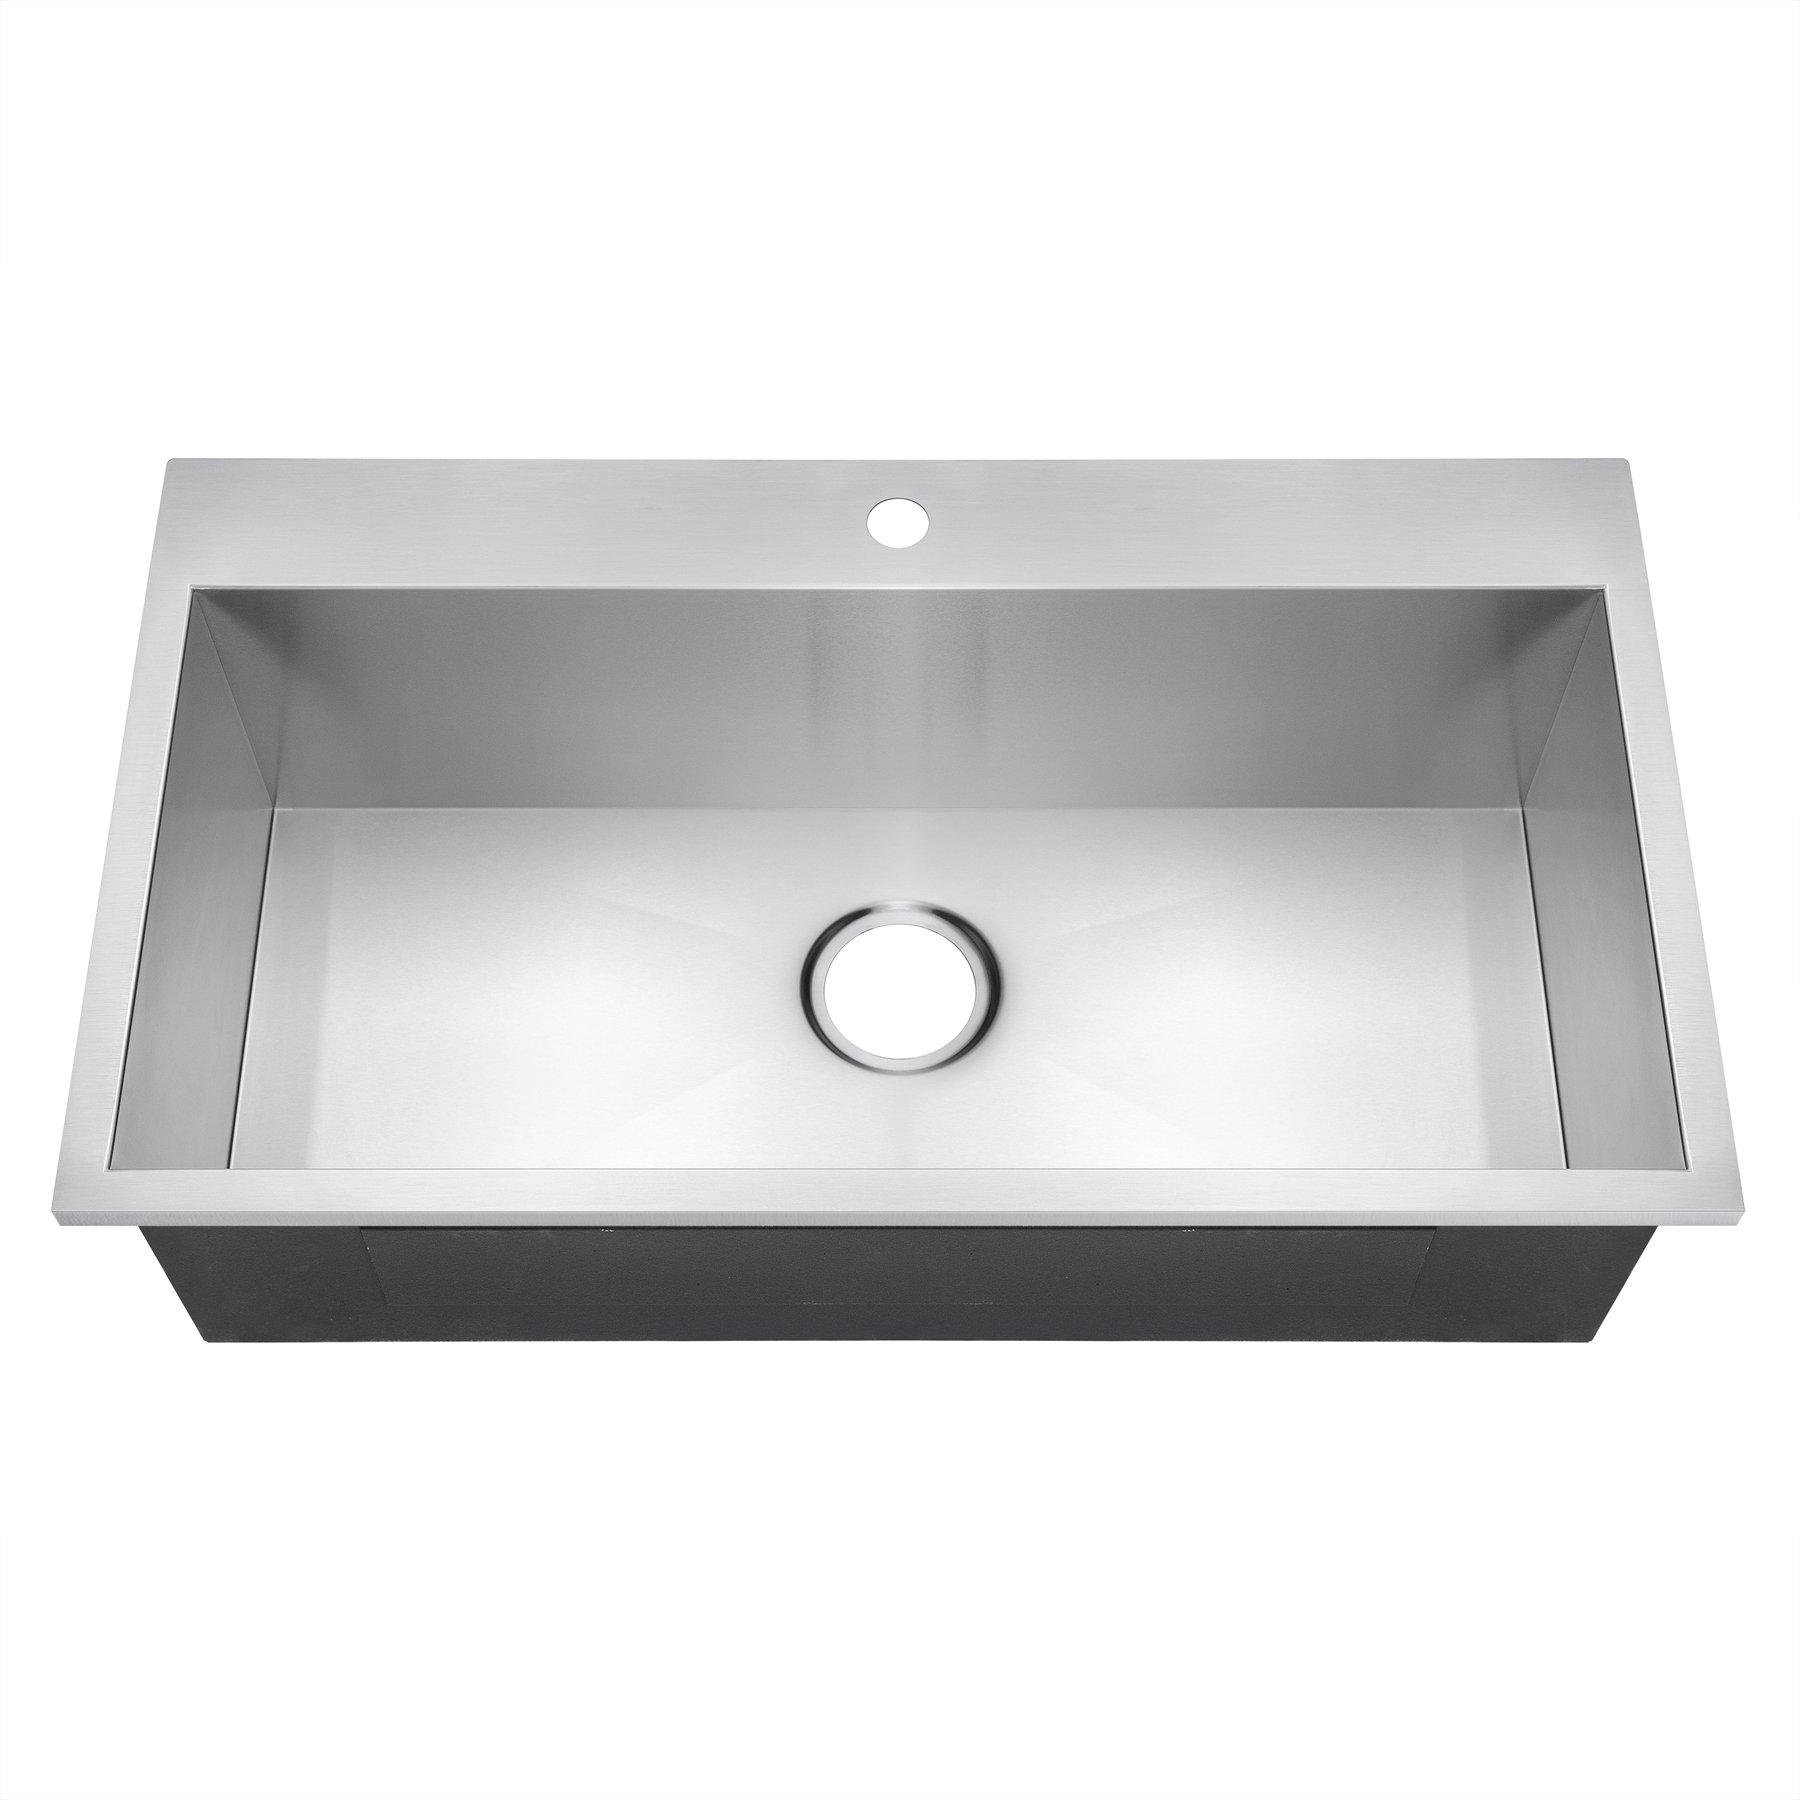 Golden Vantage 30'' x 18'' x 9'' 18 Gauge Handmade Stainless Steel Topmount Drop-in Single Basin Kitchen Sink by Golden Vantage